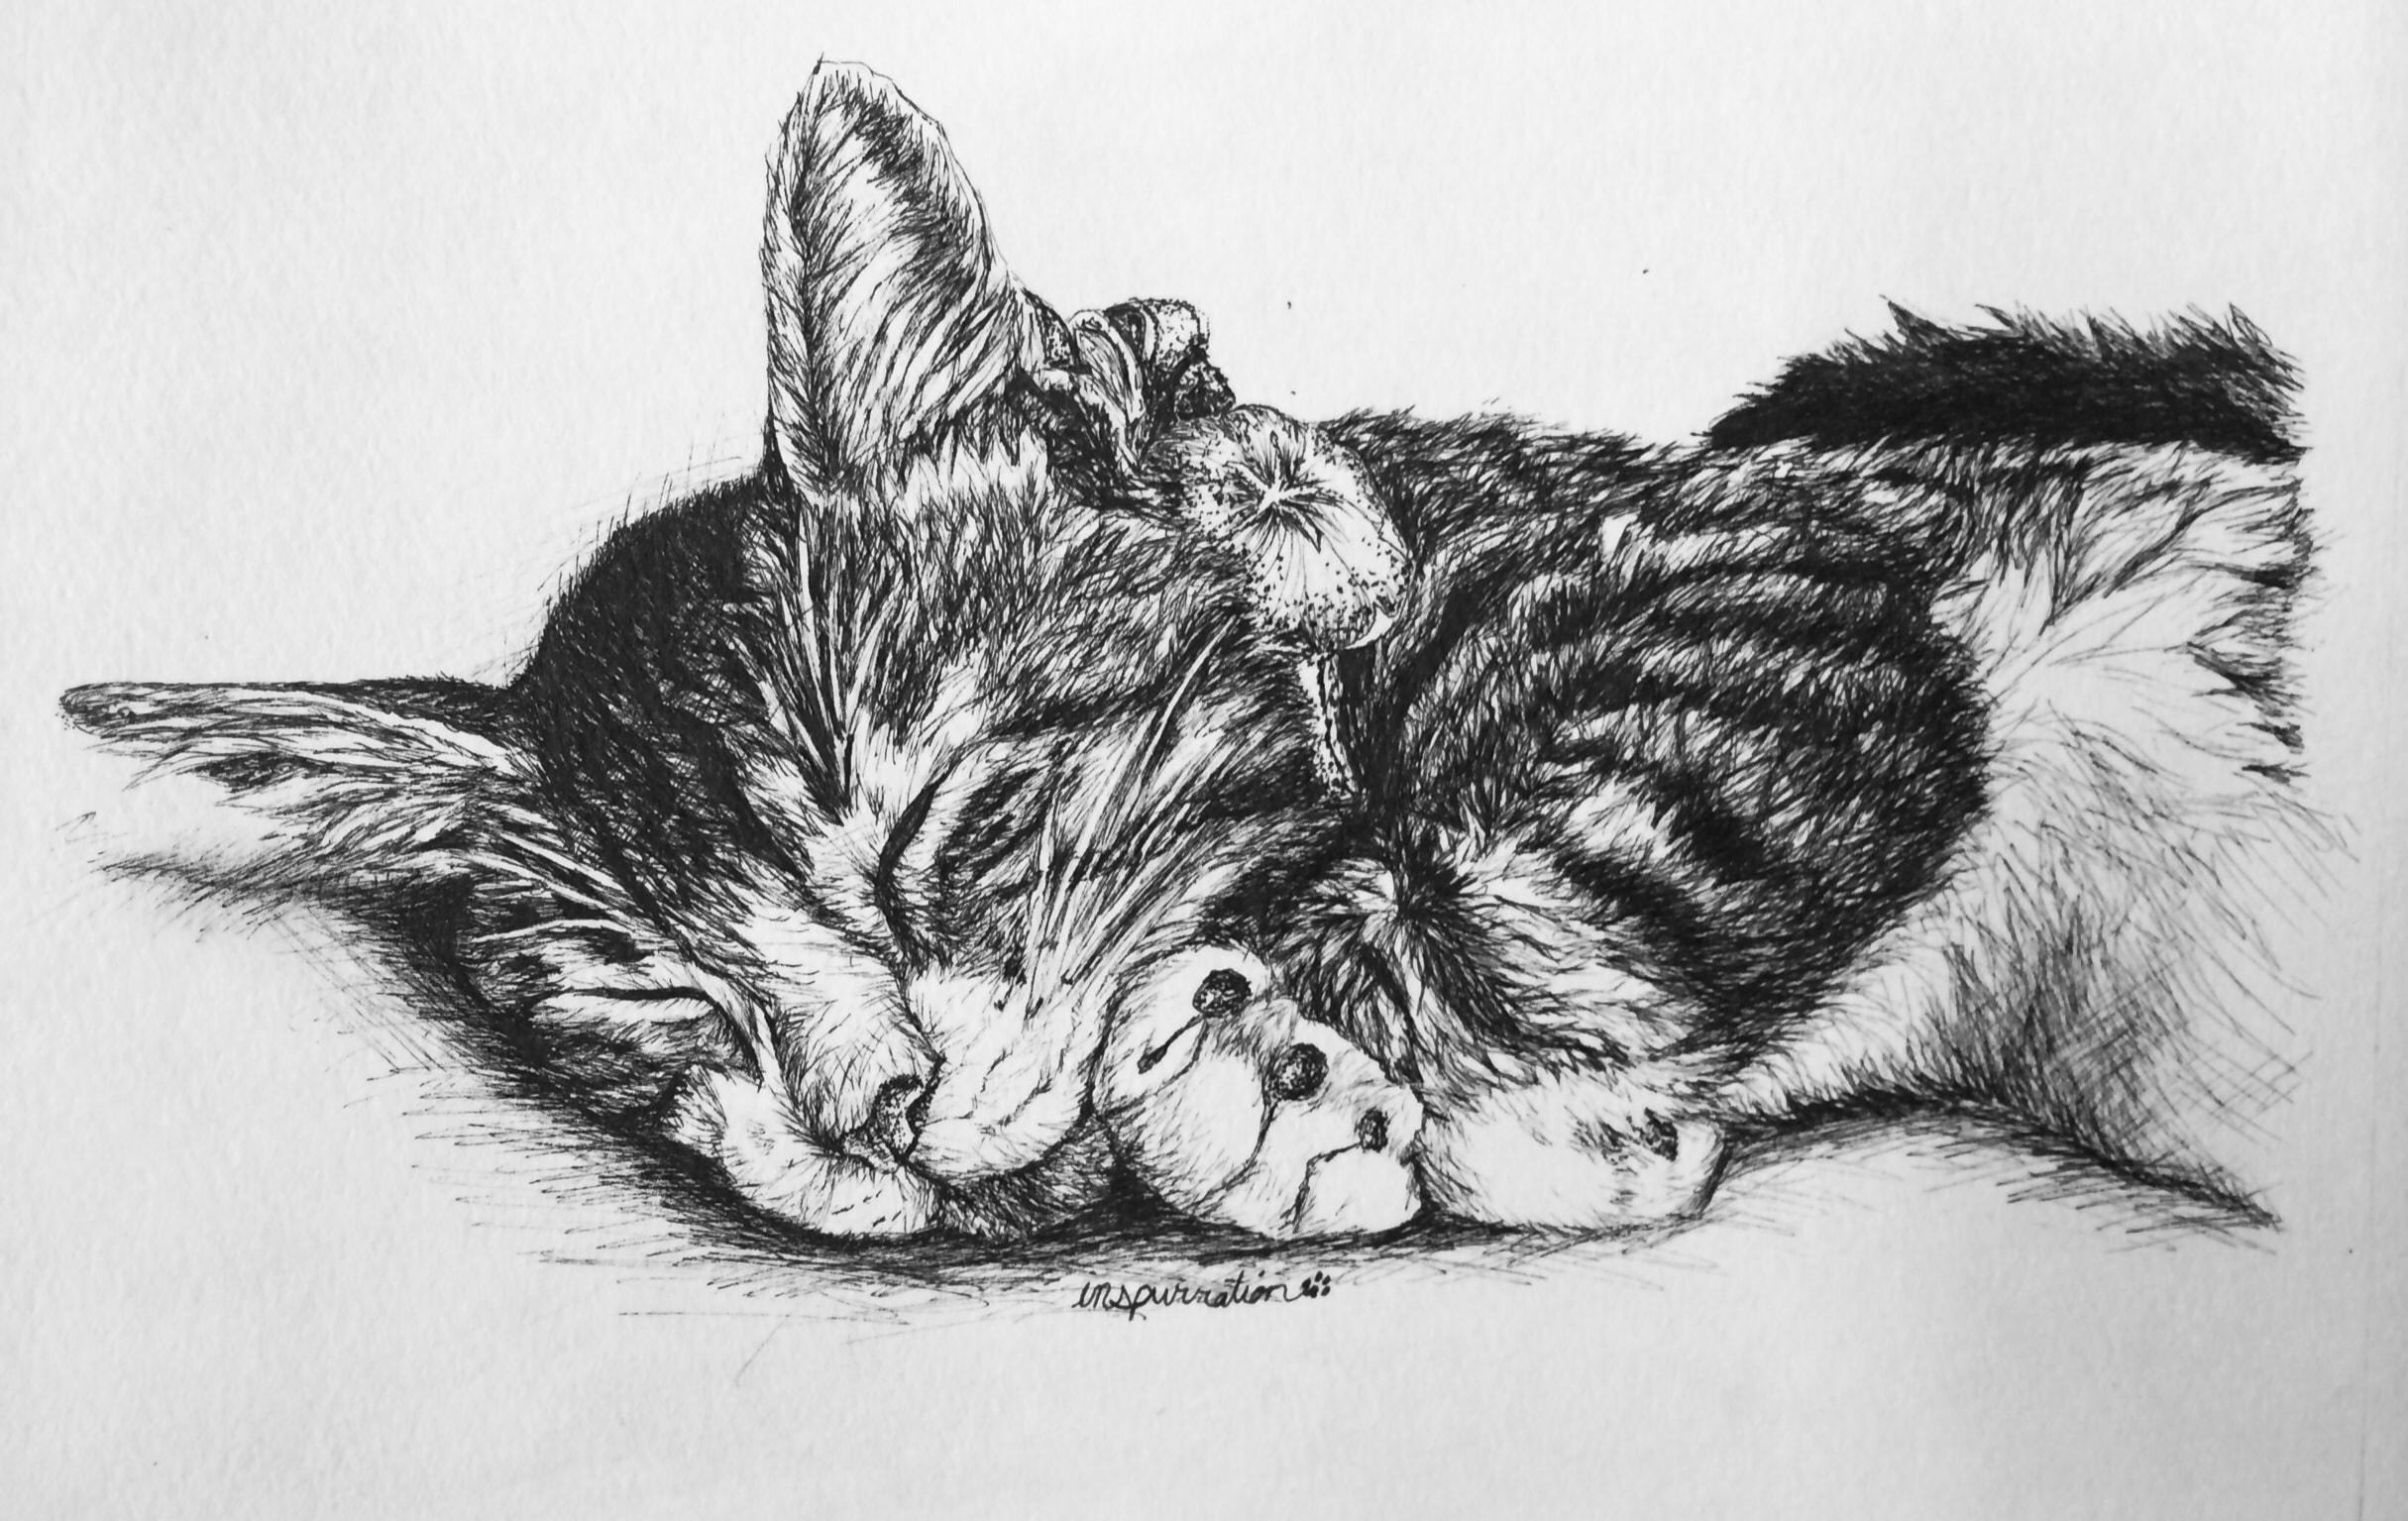 Cartoon Of Cat Getting Tattoo